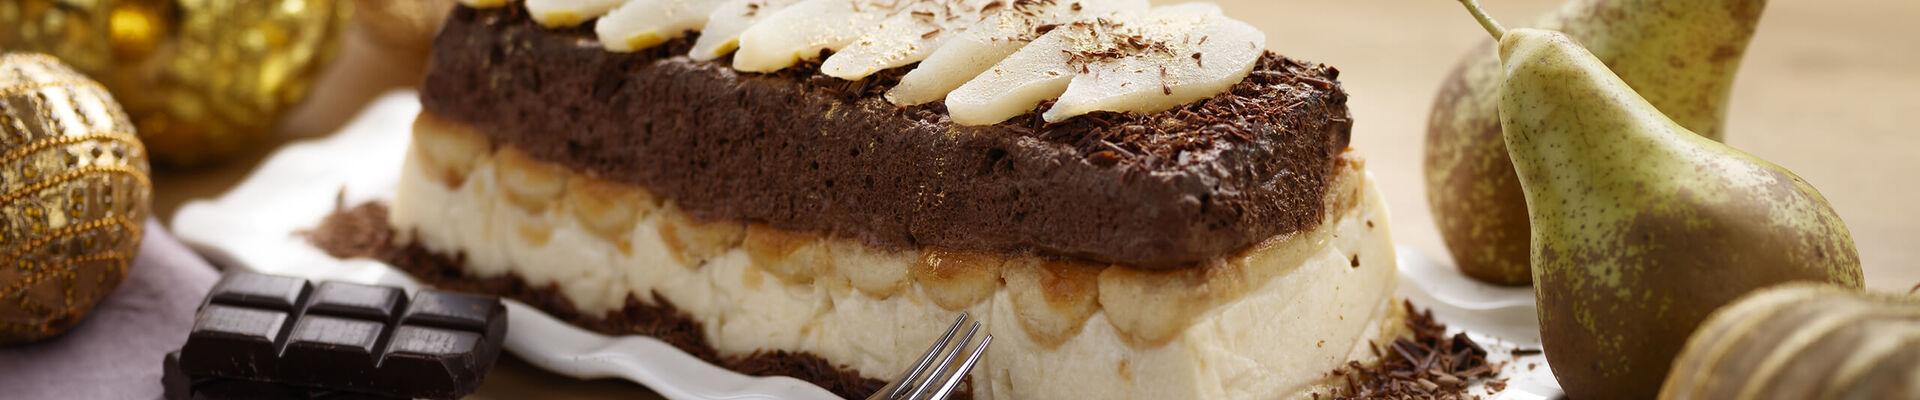 Bûche au chocolat et à la poire